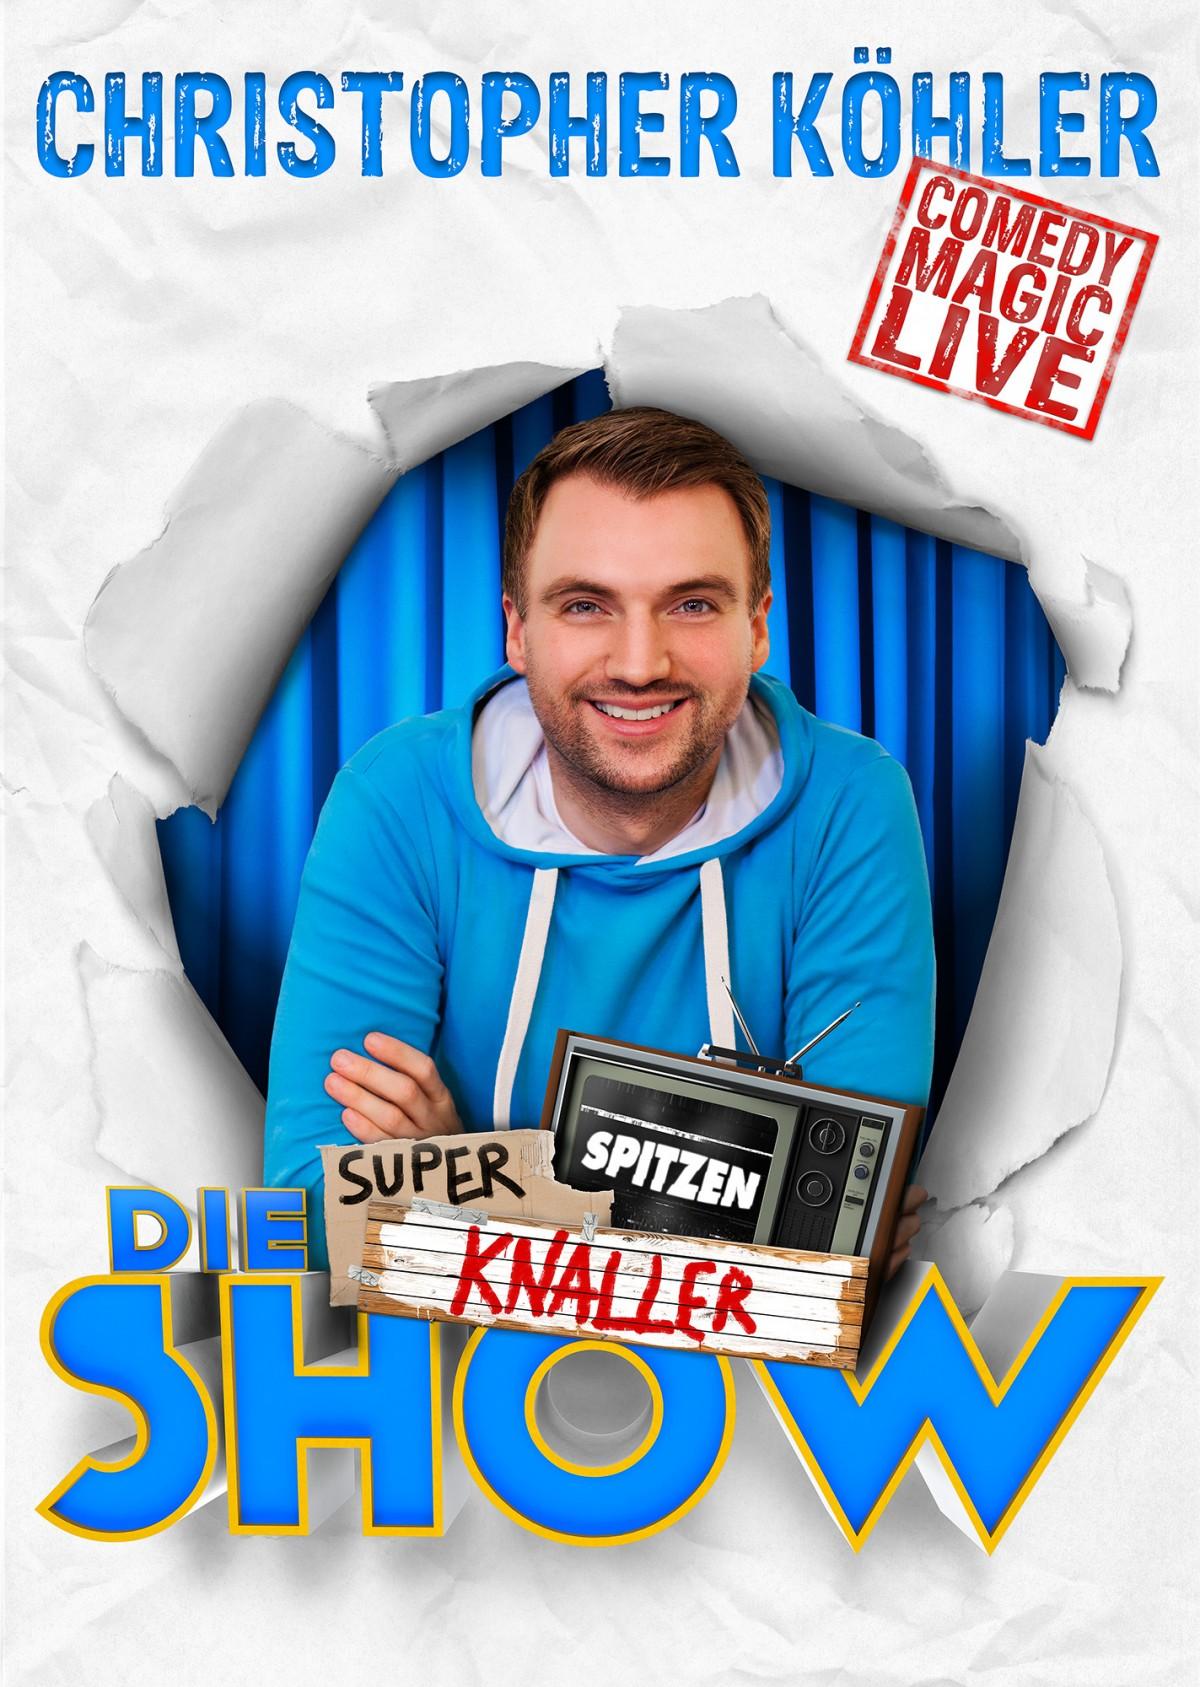 Christopher Köhler - Die Super Spitzen Knaller Show - Poster